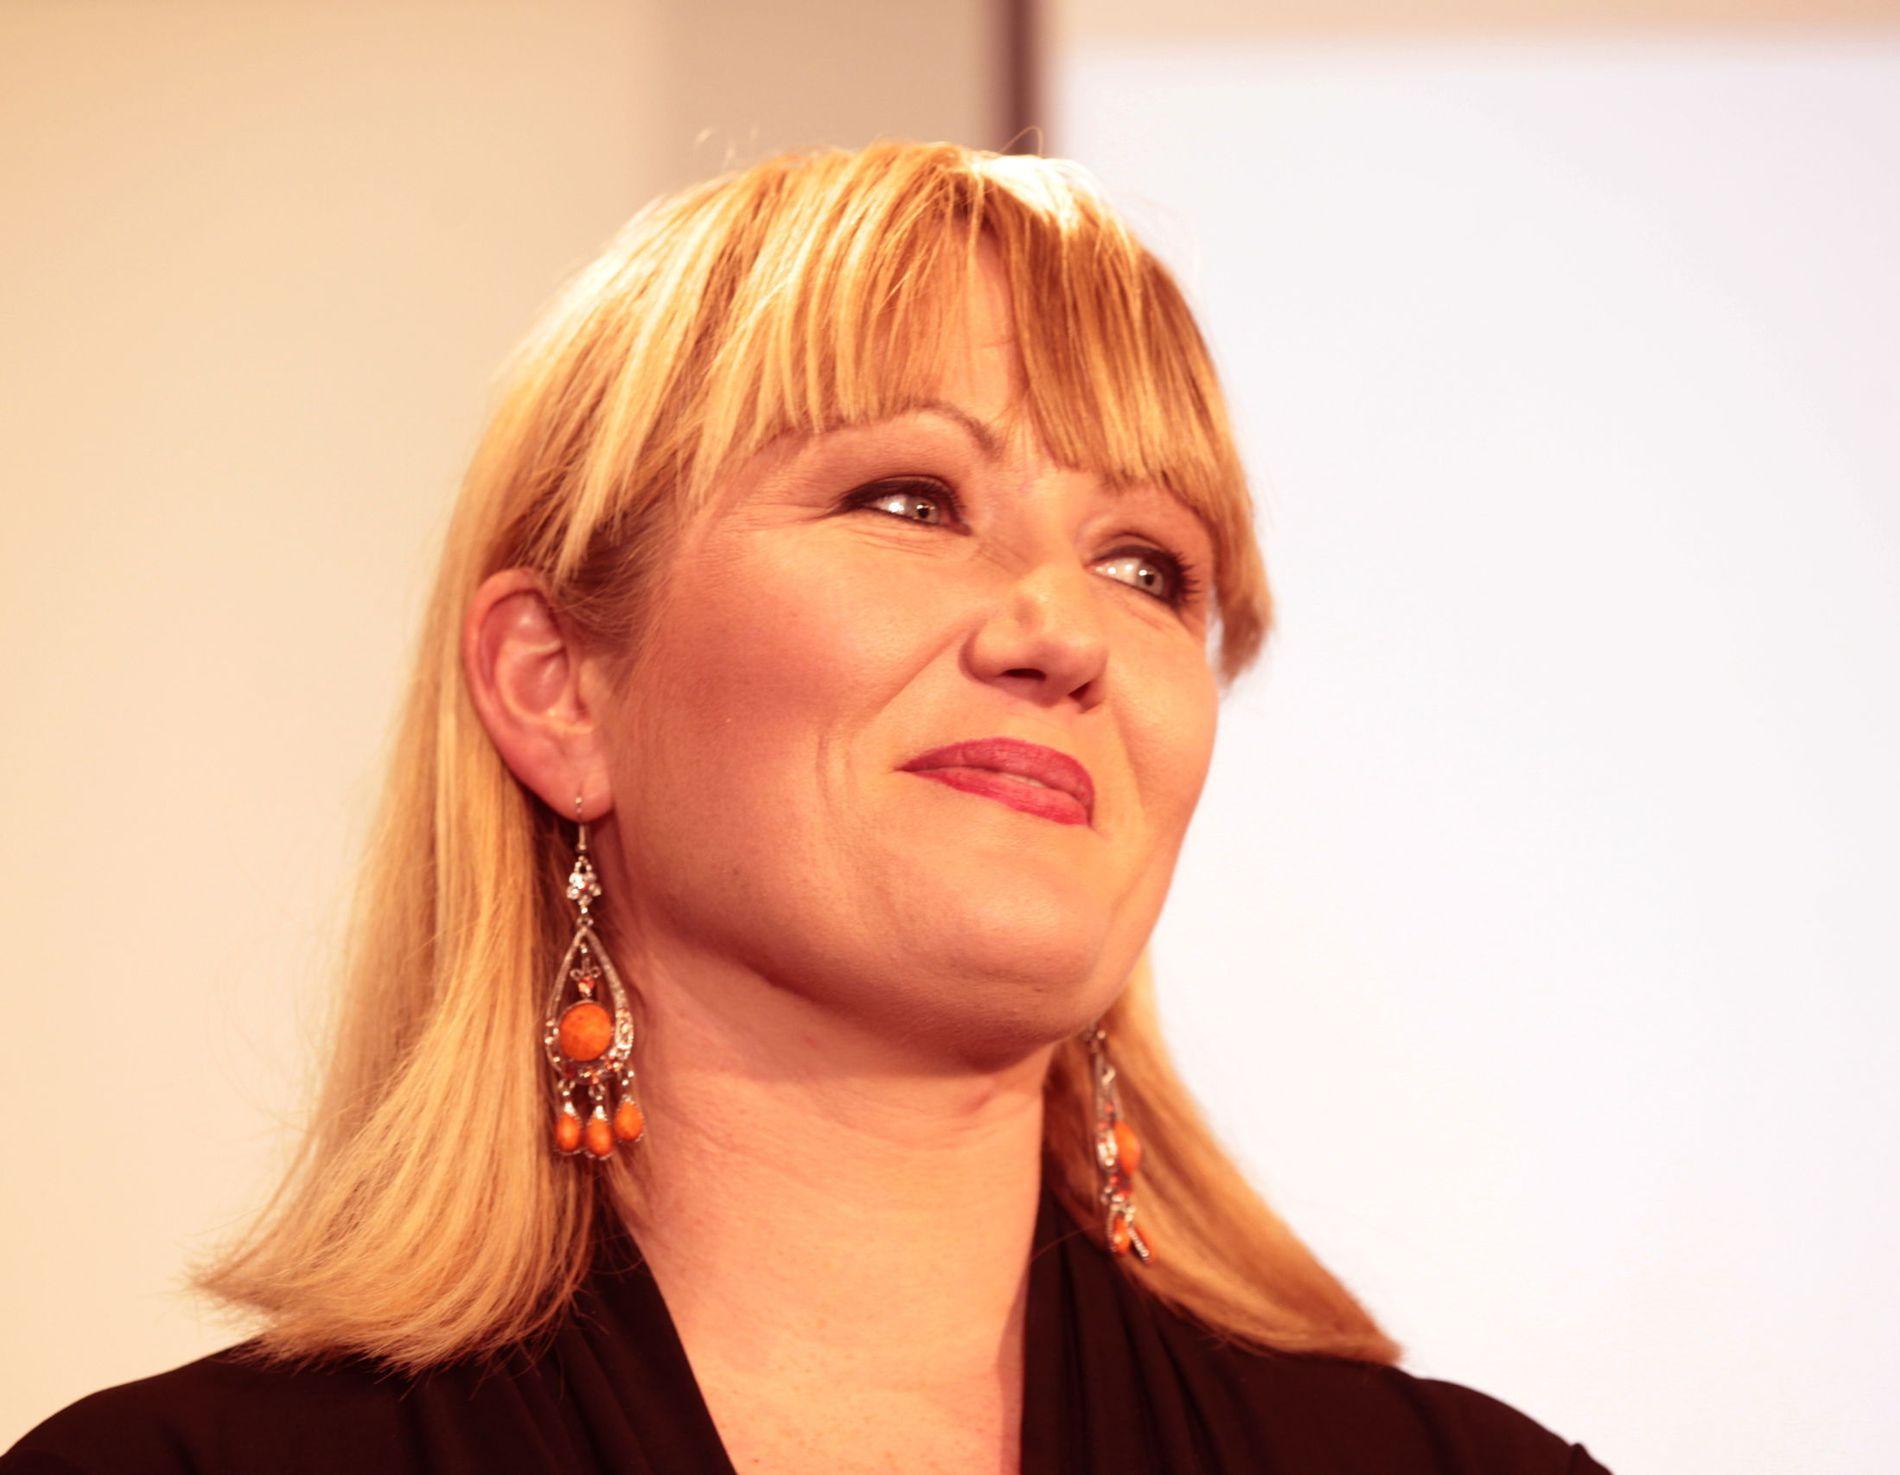 FJORÅRETS GRÜNDERKVINNE: Silje Vallestad fikk i 2011 heder og pris for sin gründervirksomhet.